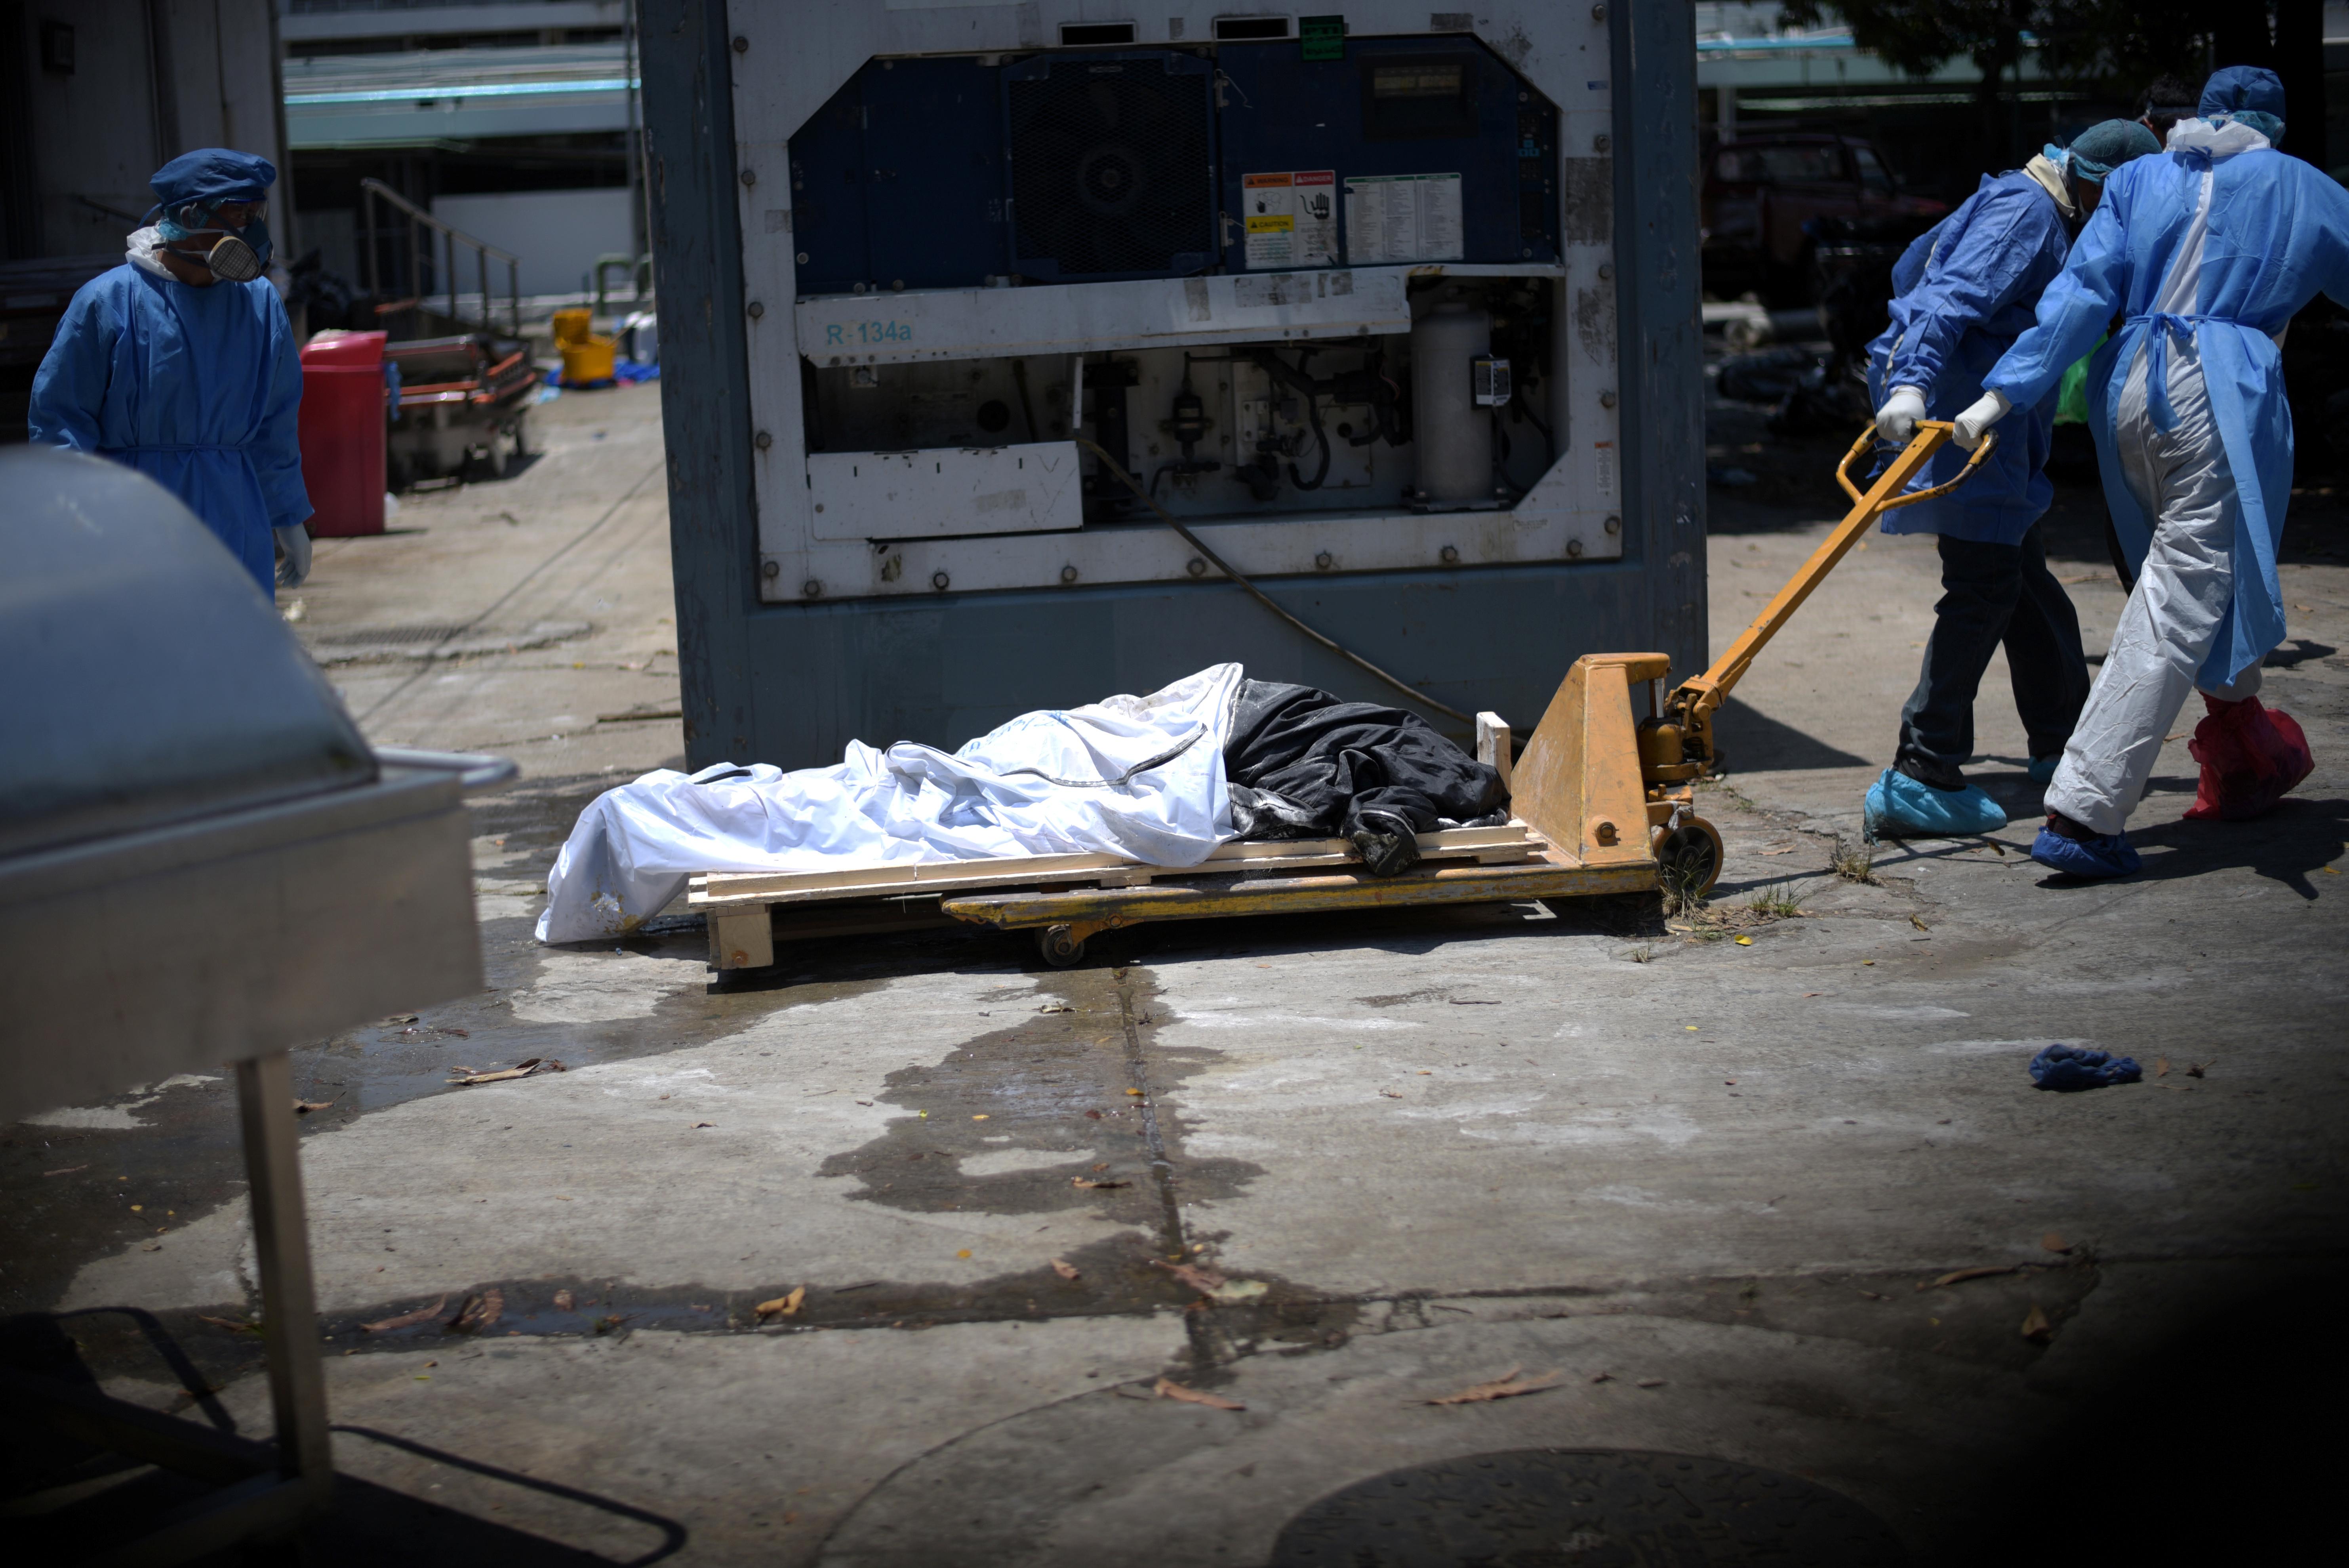 الإكوادور  تخز جثث ضحايا كورونا في حاويات بعد إمتلاء الثلاجات في المستشفيات